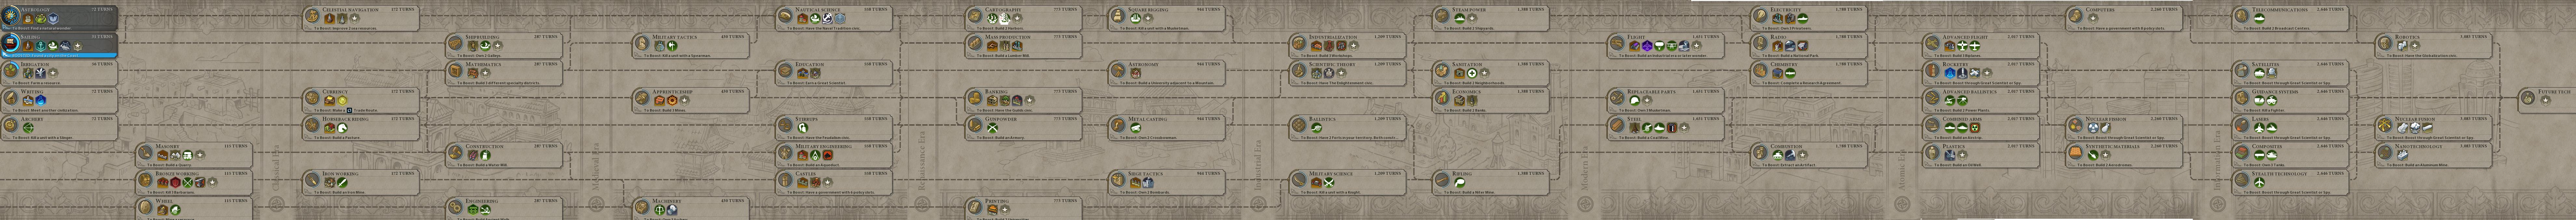 Portugal Civilization (Civ 6 vanilla, R&F and GS) +